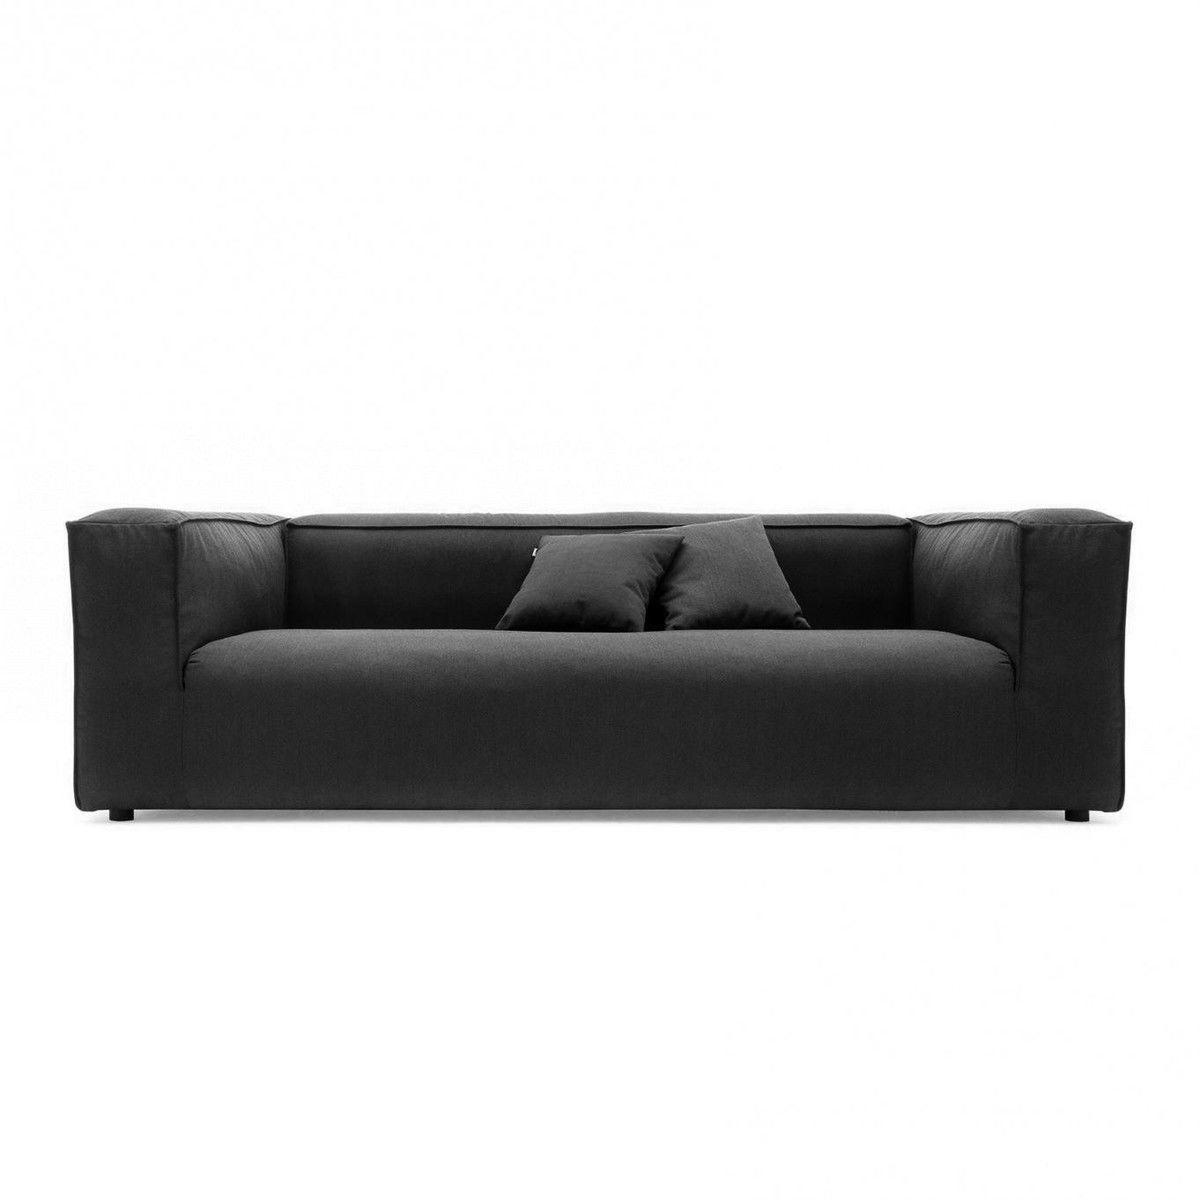 freistil 175 3 sitzer sofa freistil rolf benz. Black Bedroom Furniture Sets. Home Design Ideas